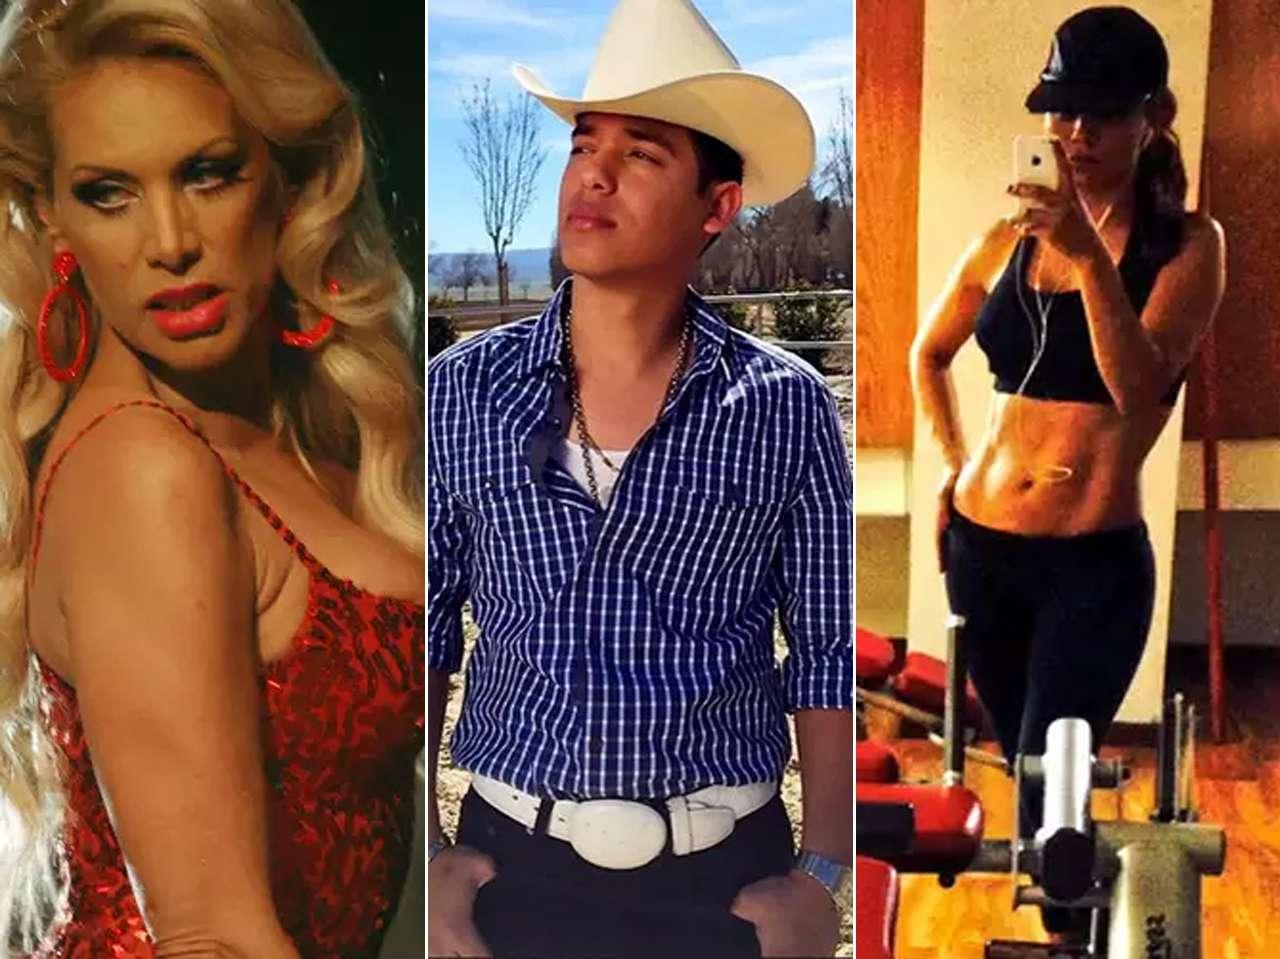 Chismes de famosos: resumen semanal de espectáculos (2 de marzo) Foto: Twitter